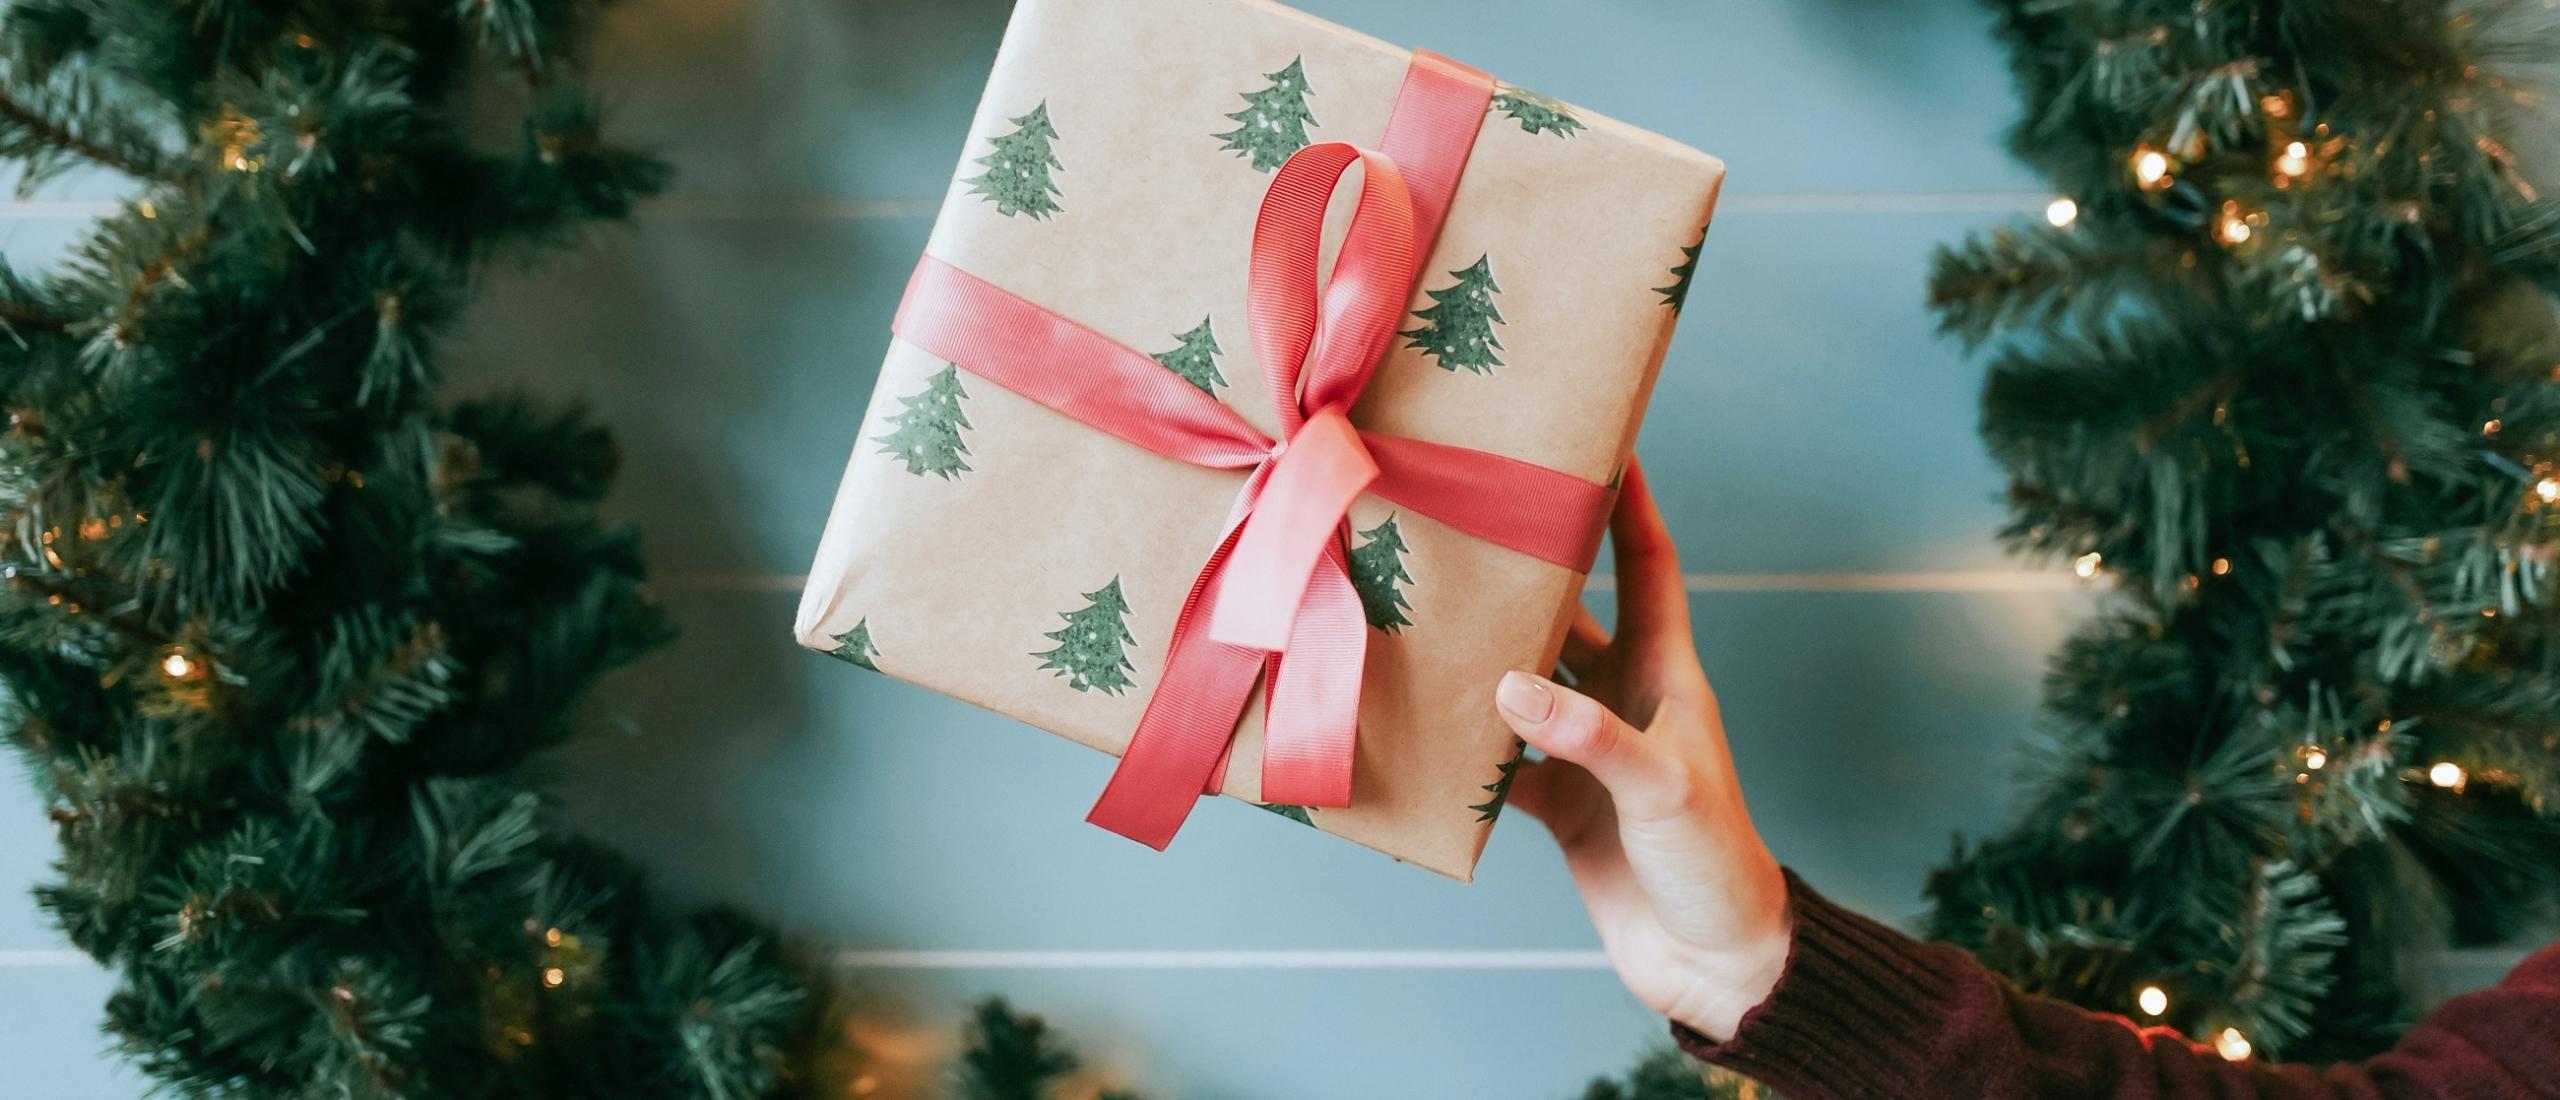 5 tips voor zakelijke én leuke cadeaus voor je medewerkers